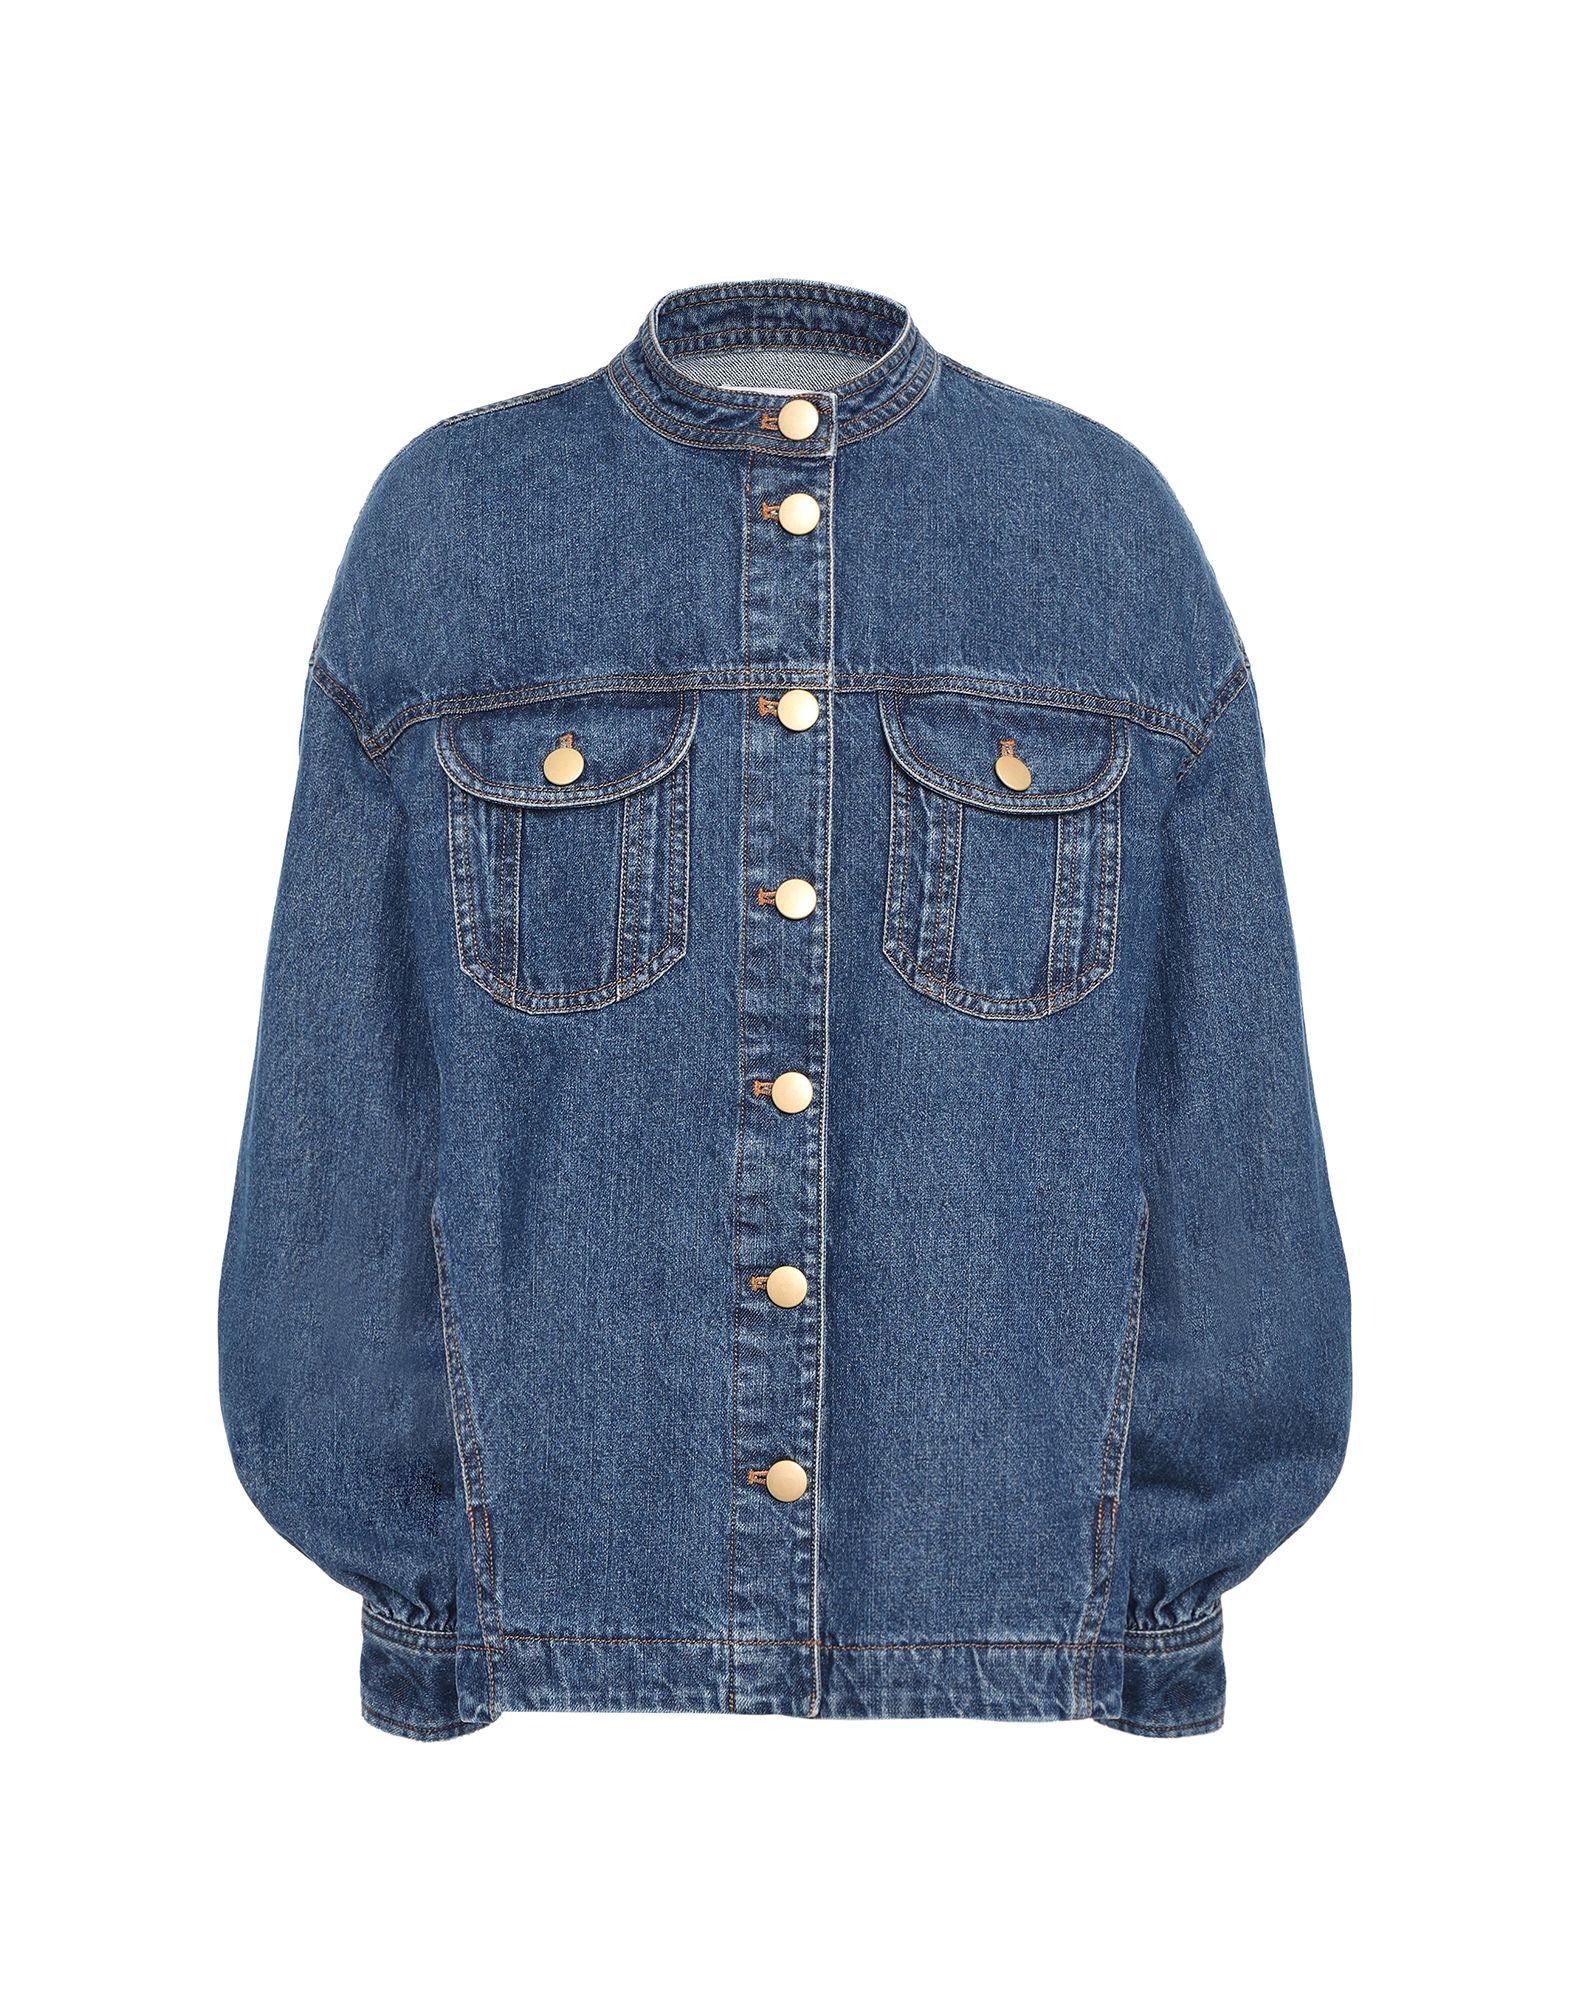 CO Джинсовая верхняя одежда merci джинсовая верхняя одежда